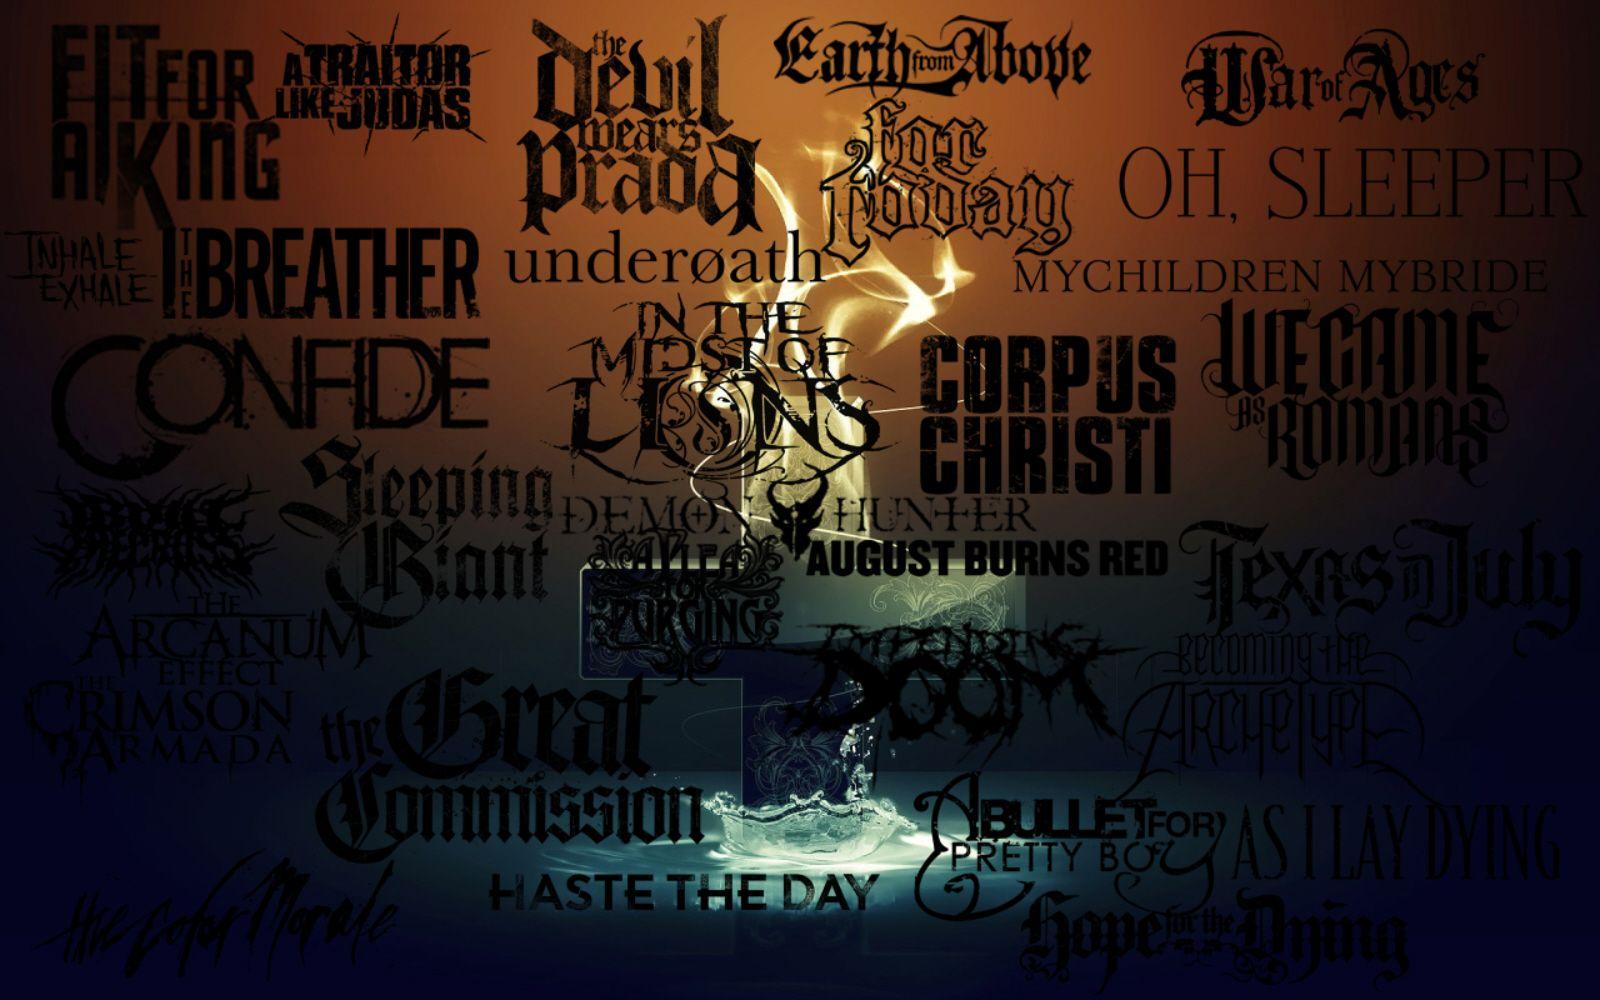 Band Wallpapers Music Artists: Satani Infernalis,Versus Christus Wallpaper Album Cover